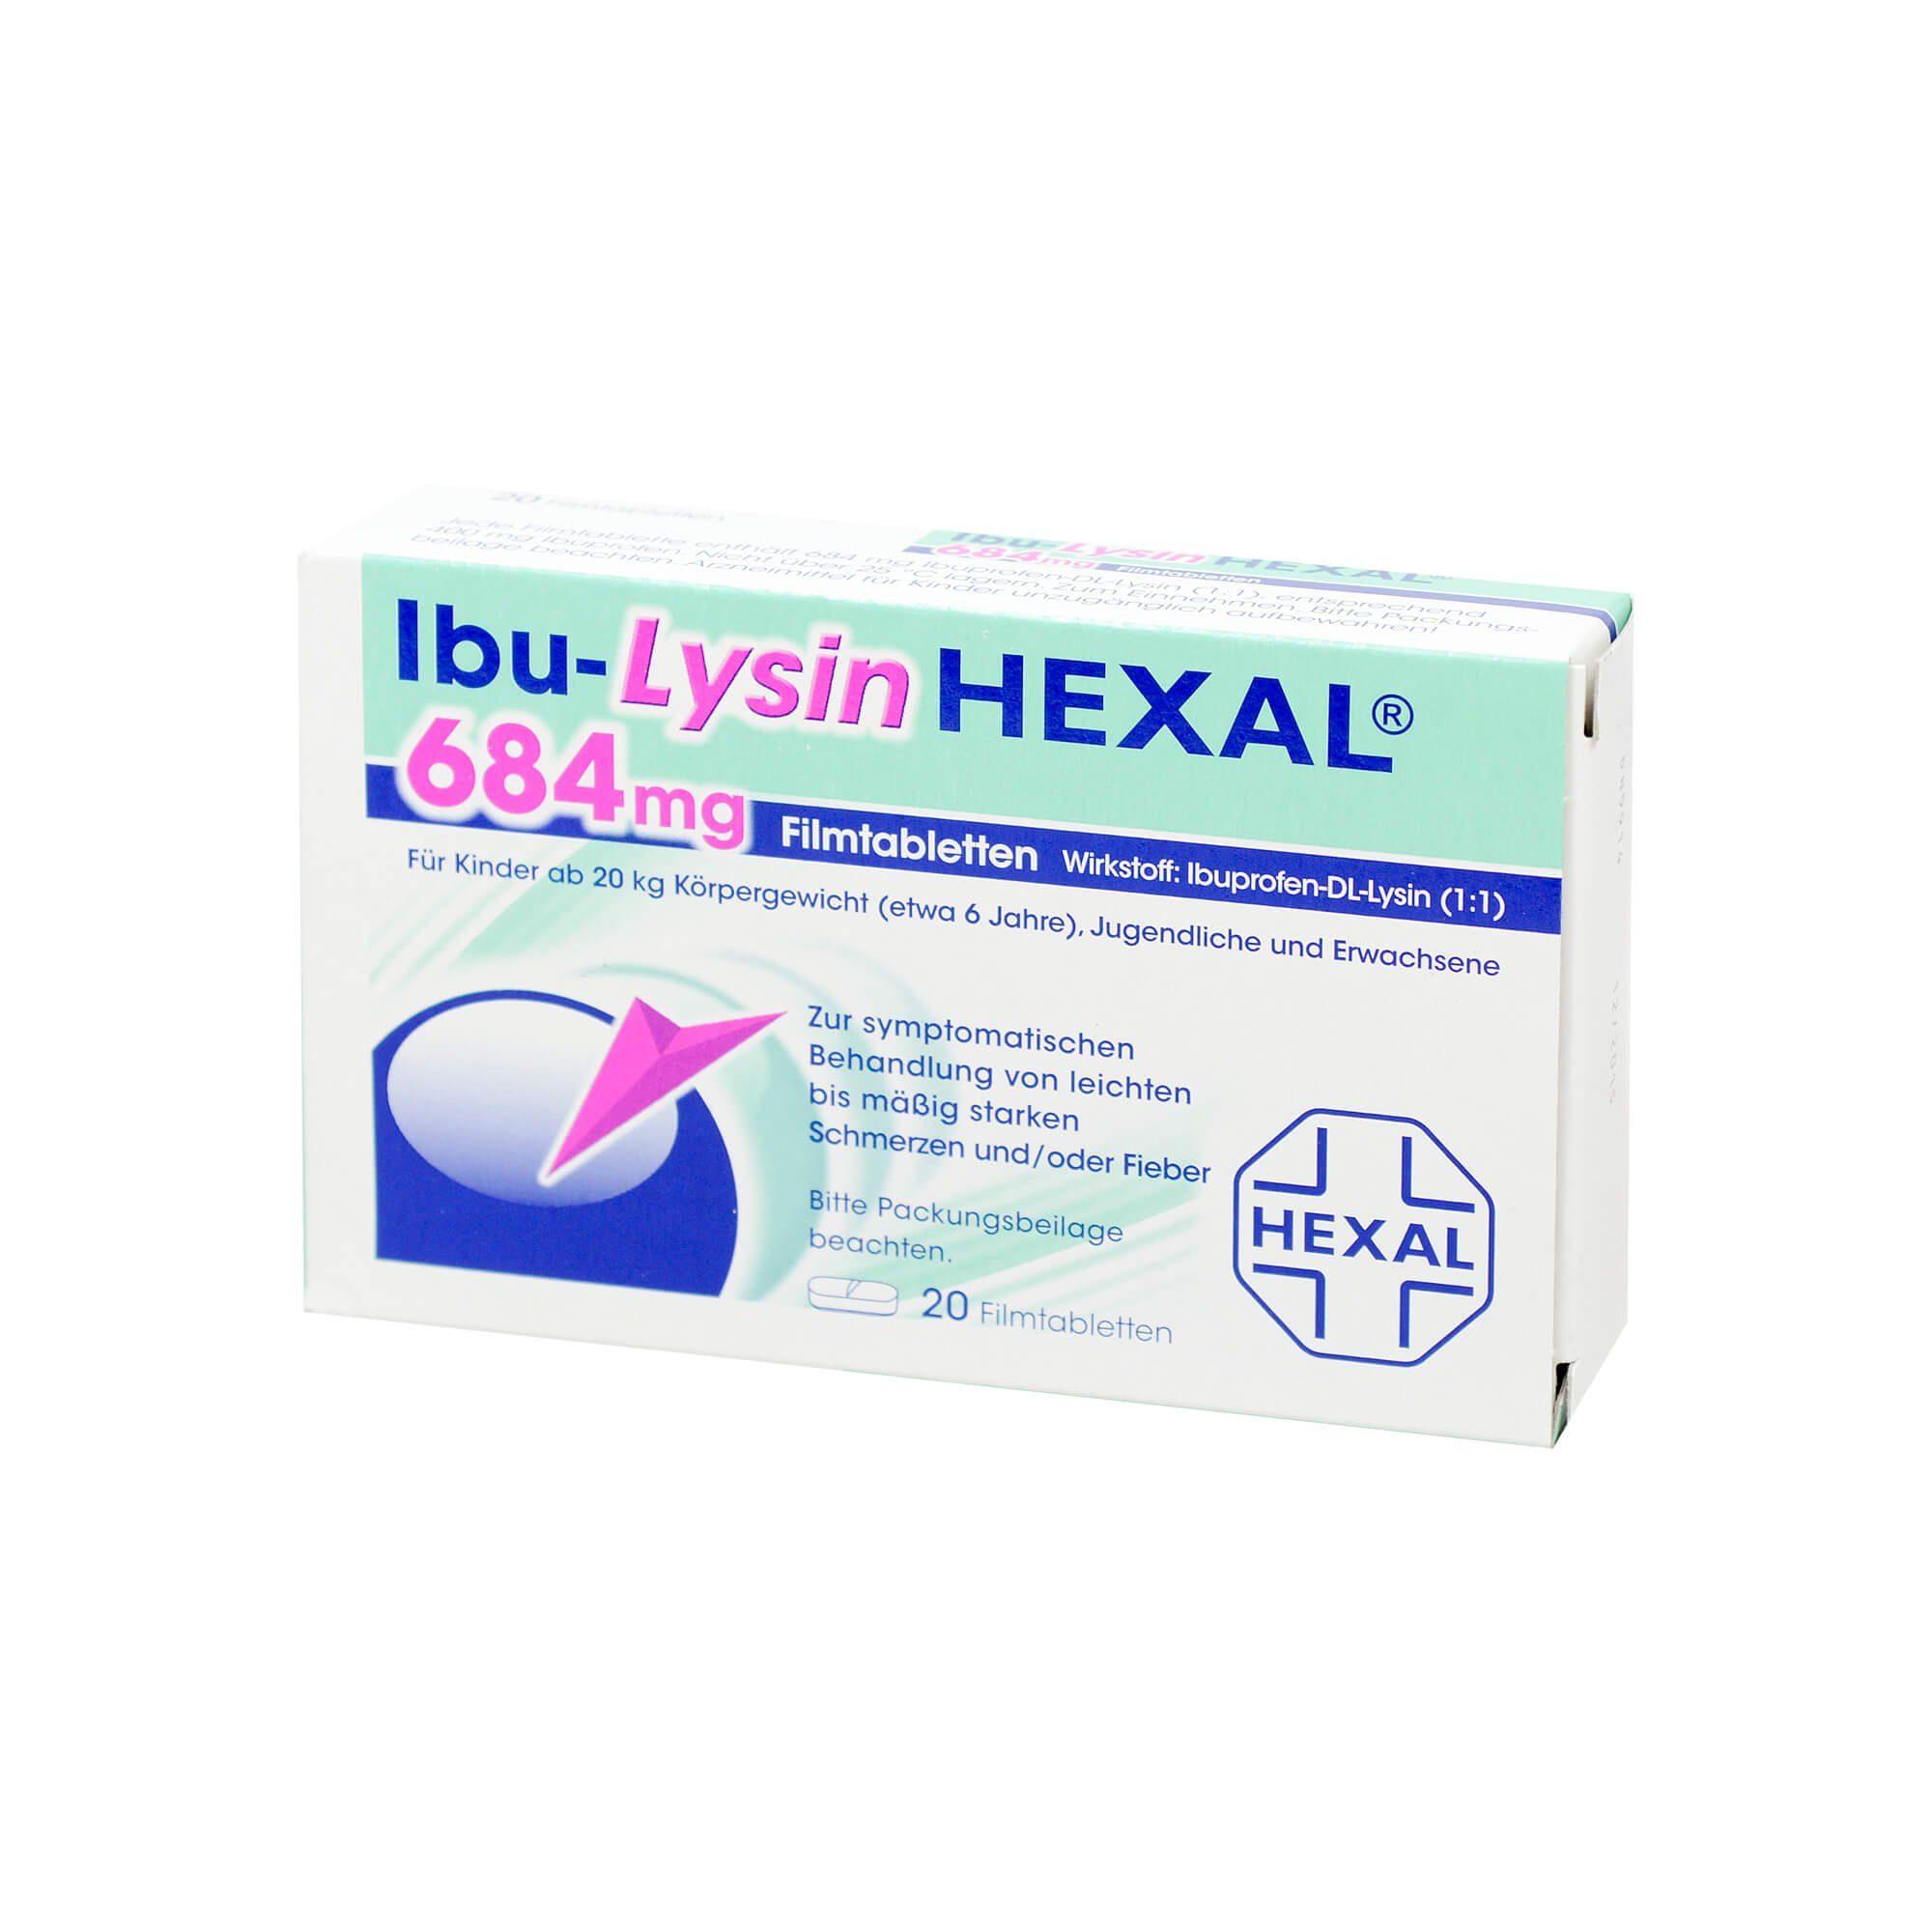 Ibu-LysinHexal 684 mg , 20 St